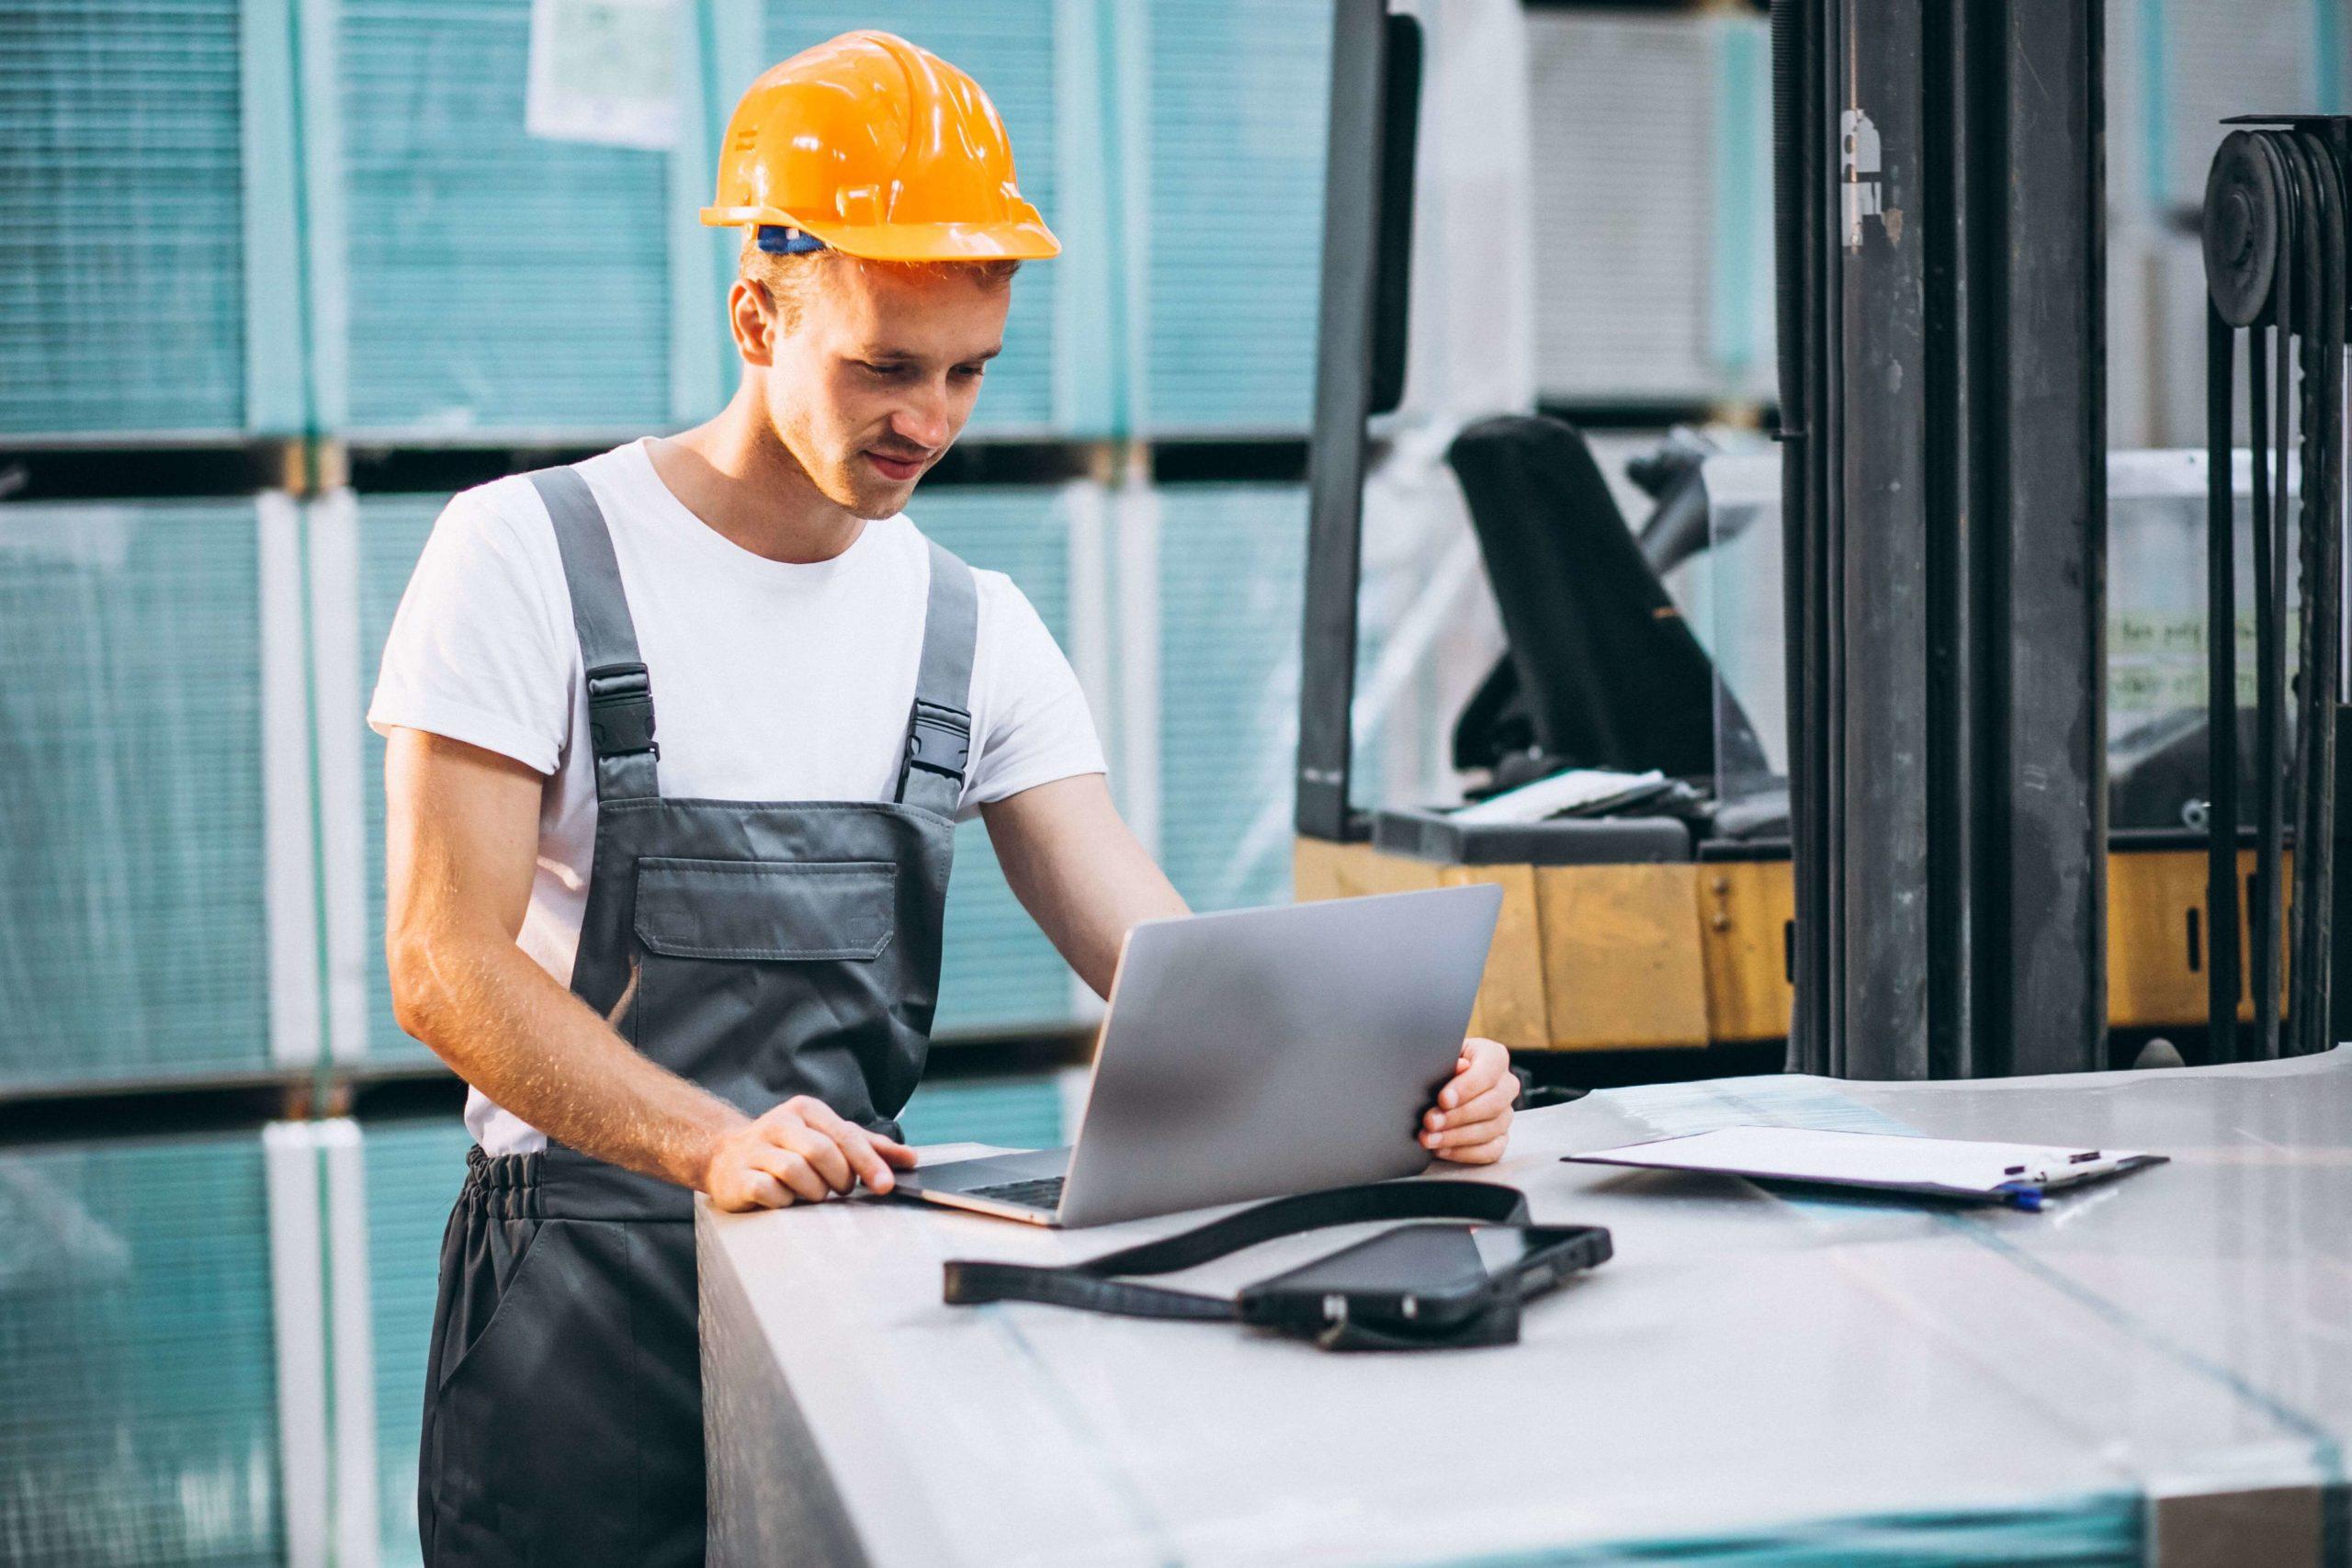 Een betrouwbaar draadloos netwerk is belangrijk voor een warehouse